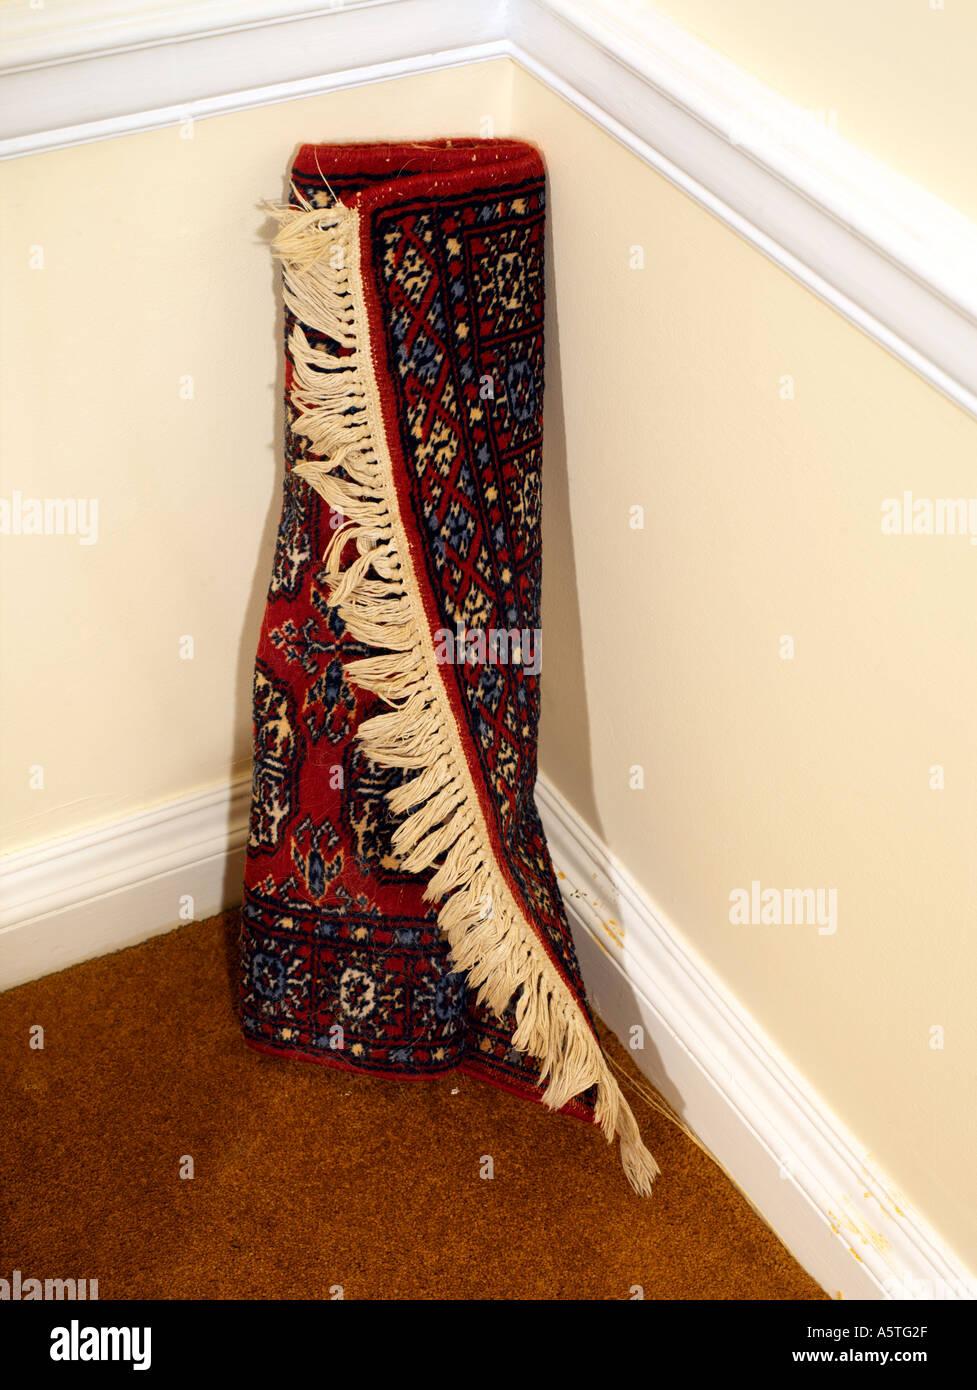 Prayer Rug in Corner of the Room - Stock Image